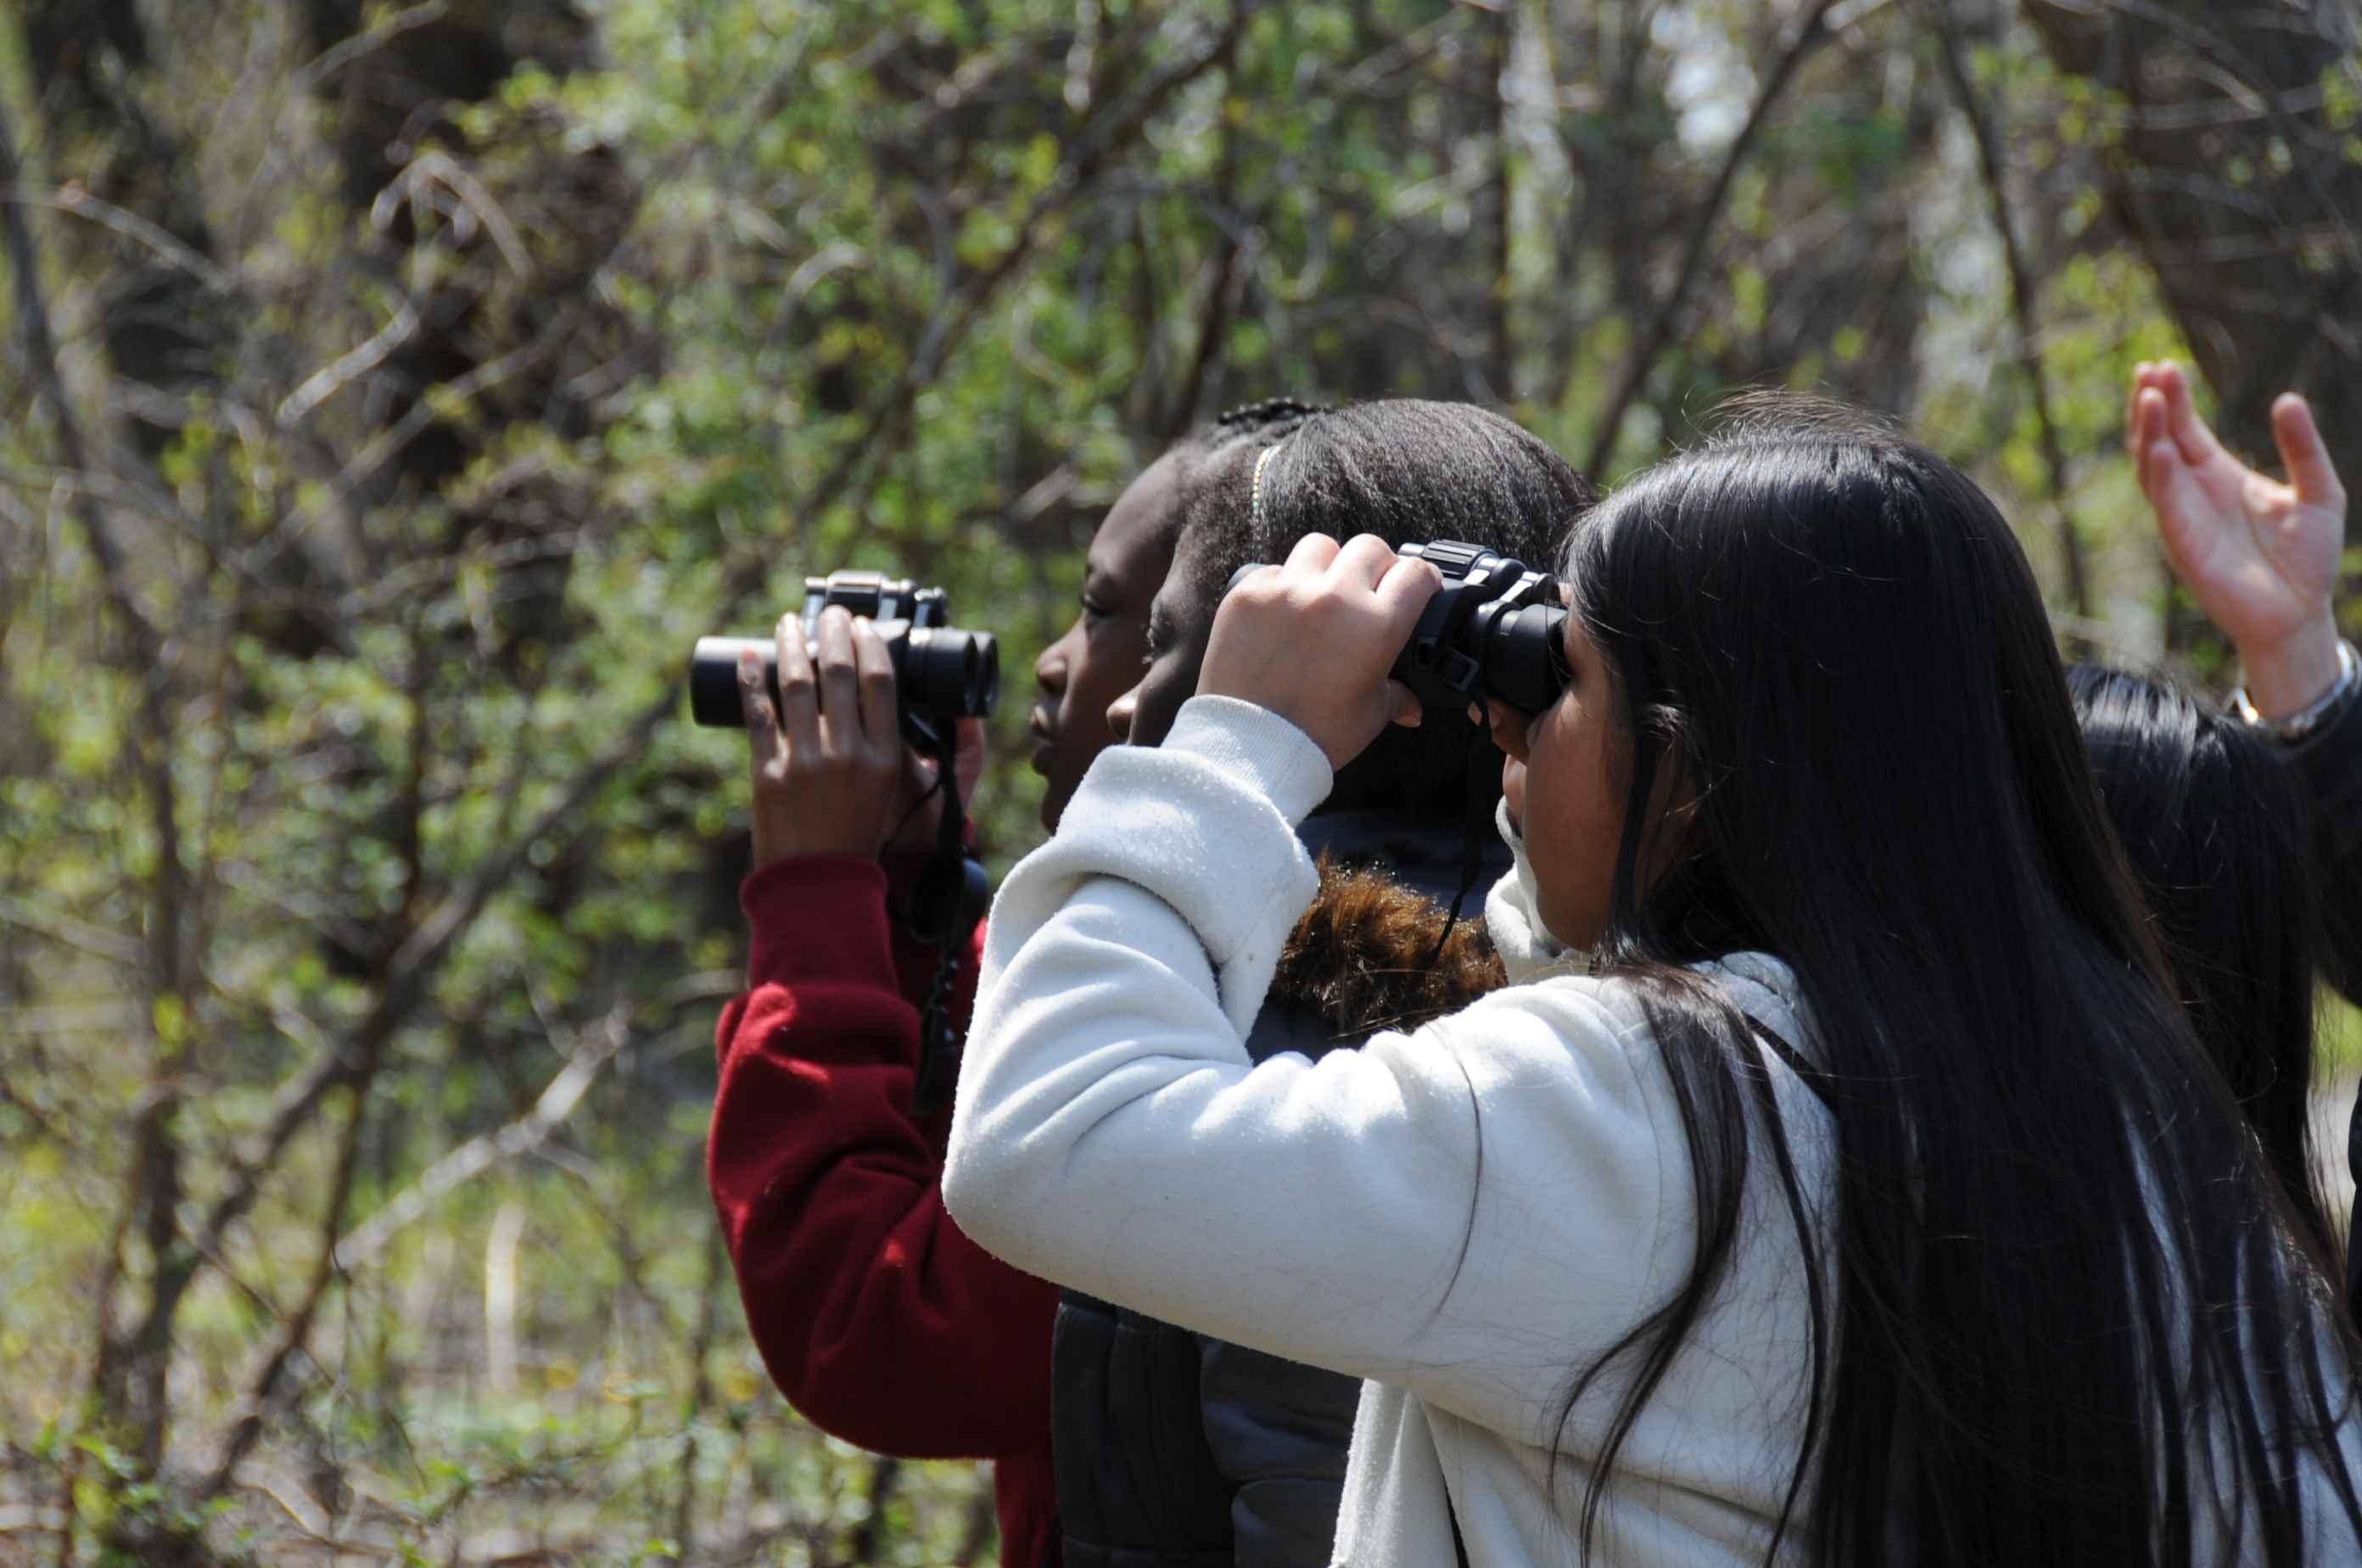 Free Picture: Children, Watch, Binoculars